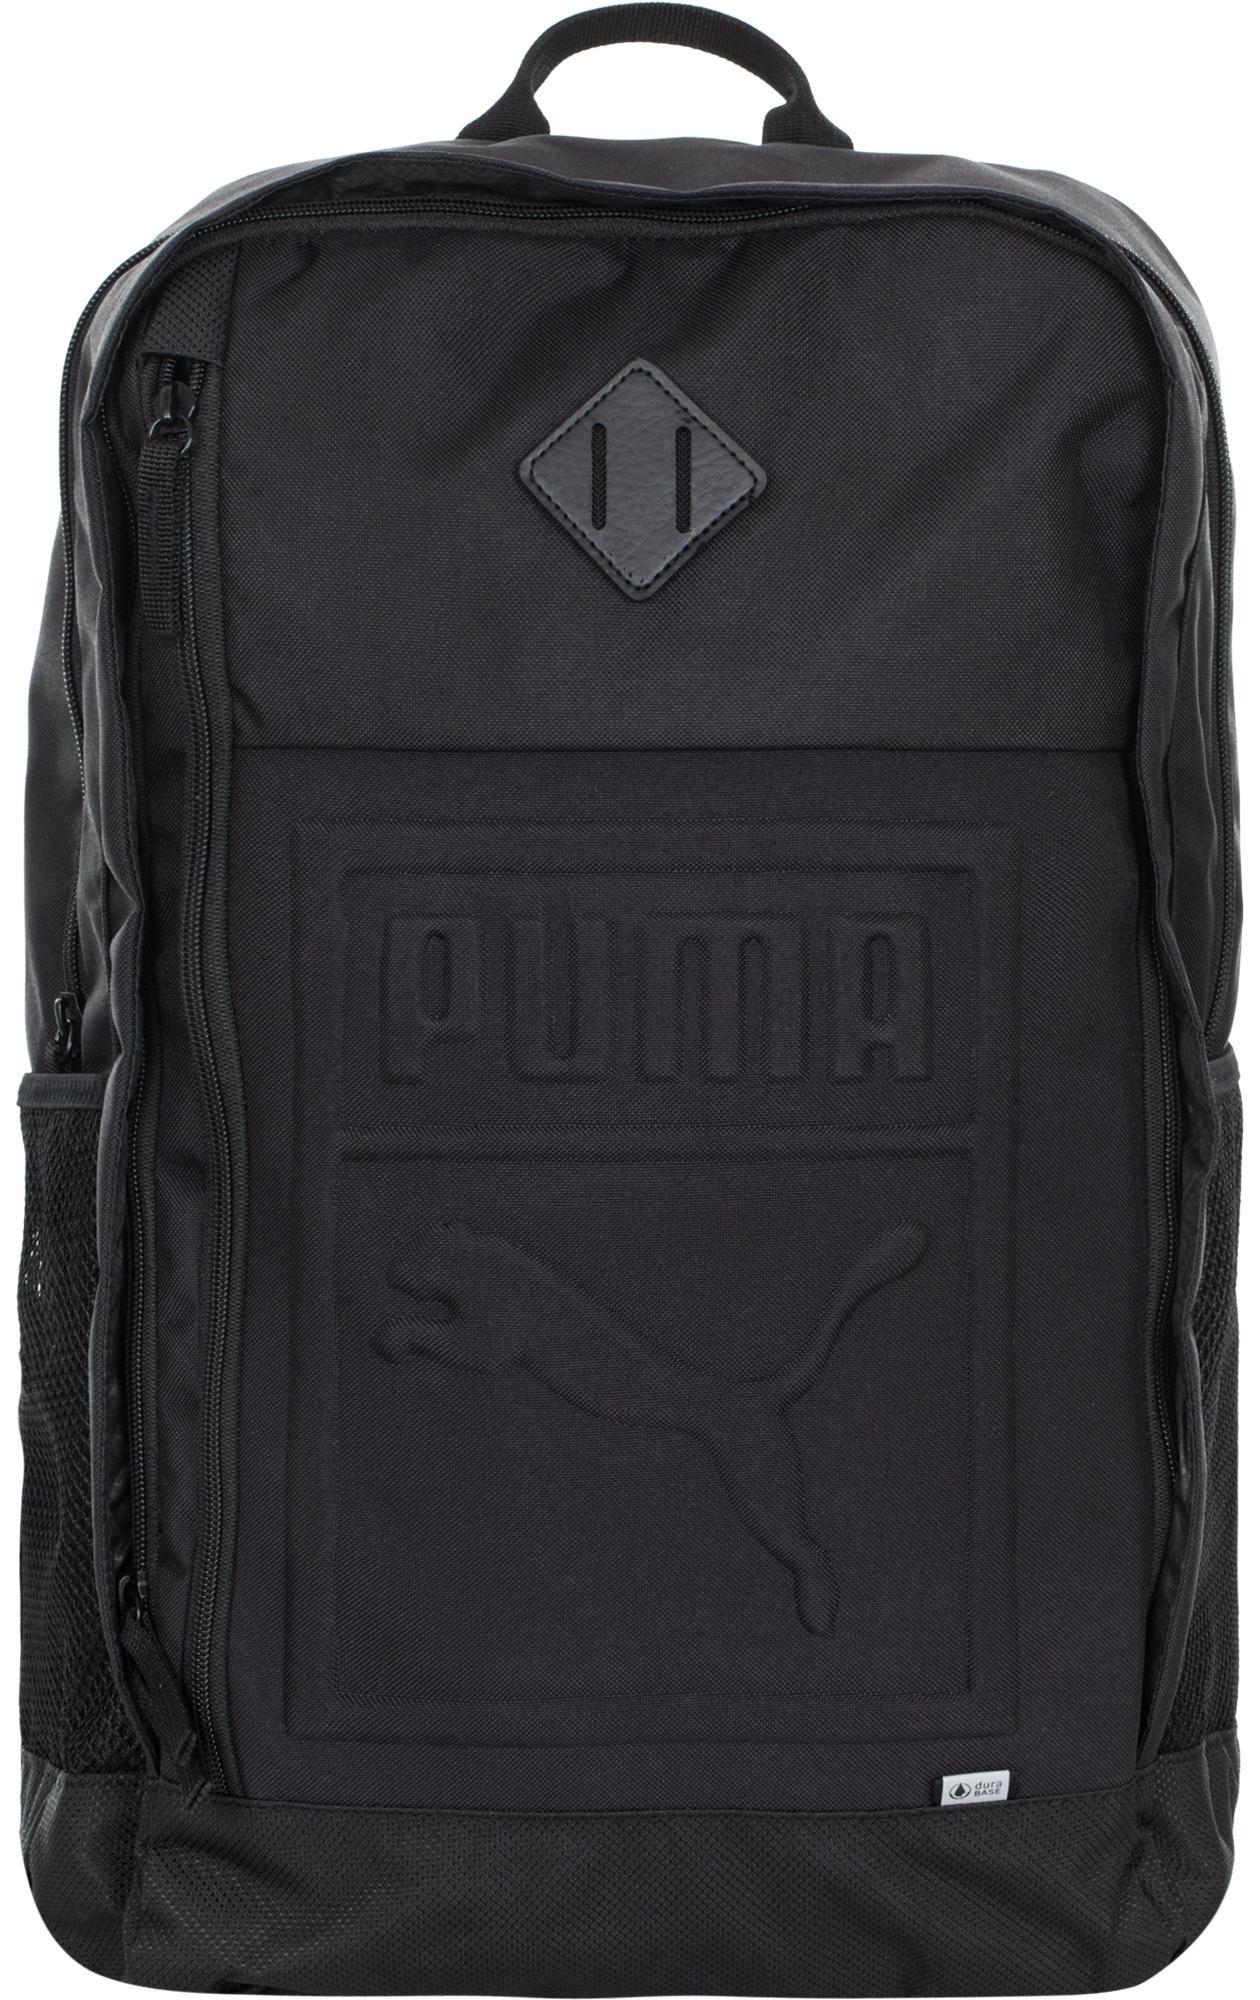 Рюкзак Puma (0755811) Удобный и прочный рюкзак от Puma. В модели  предусмотрено несколько карманов, включая отсек для ноутбука, и  регулируемые лямки для ... 2fa68ab2a6d